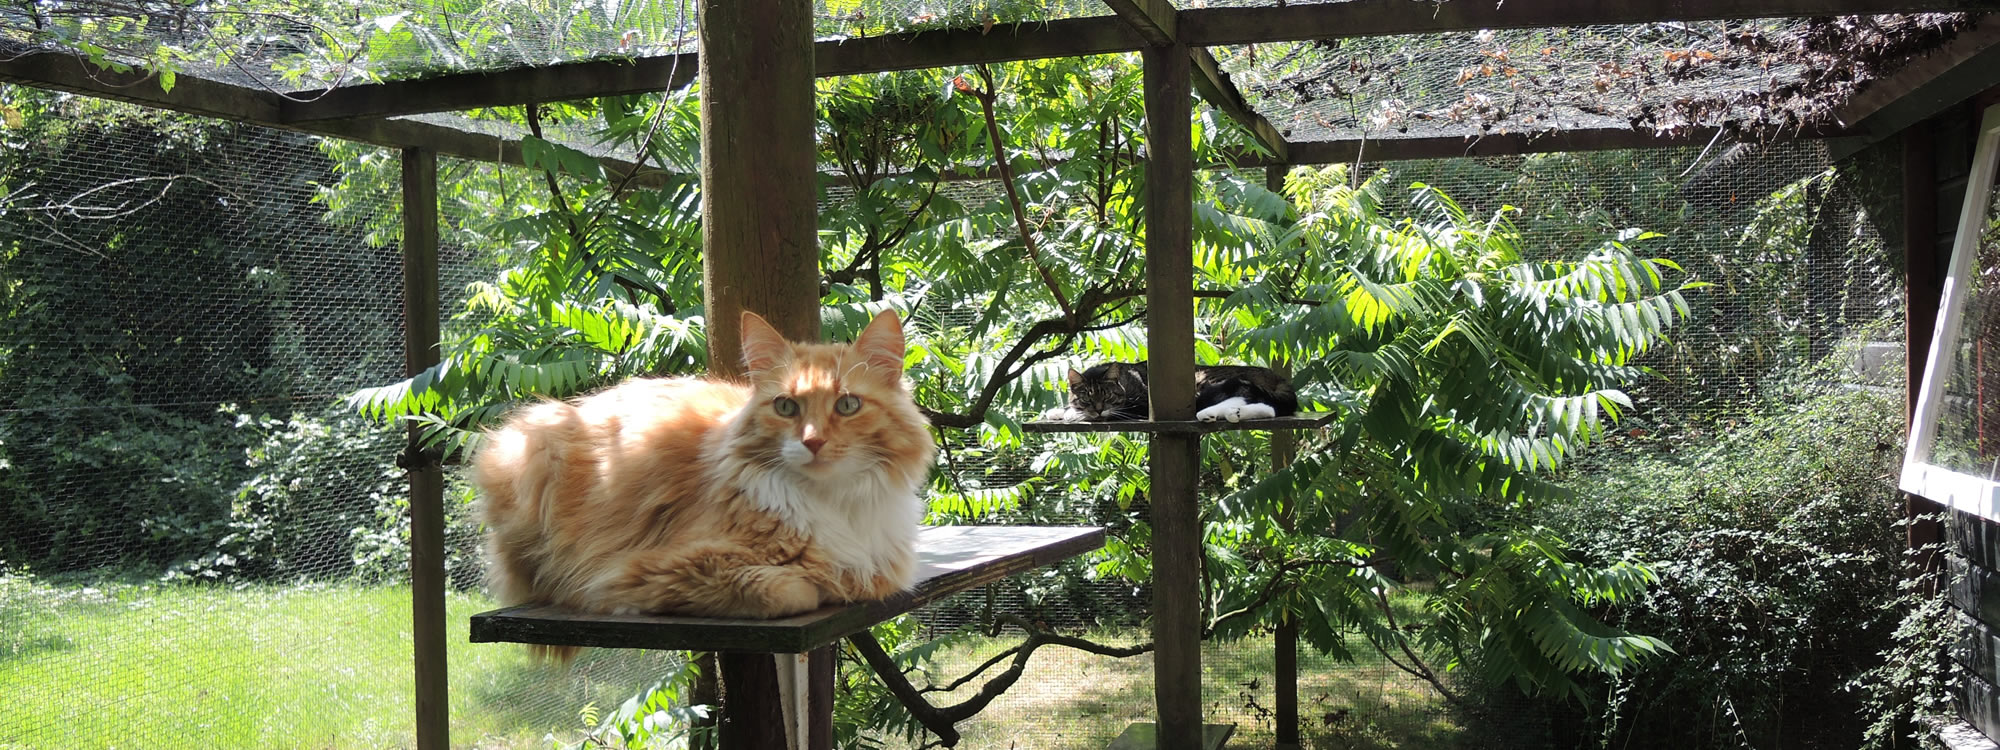 Rode kat buiten in pension voor katten